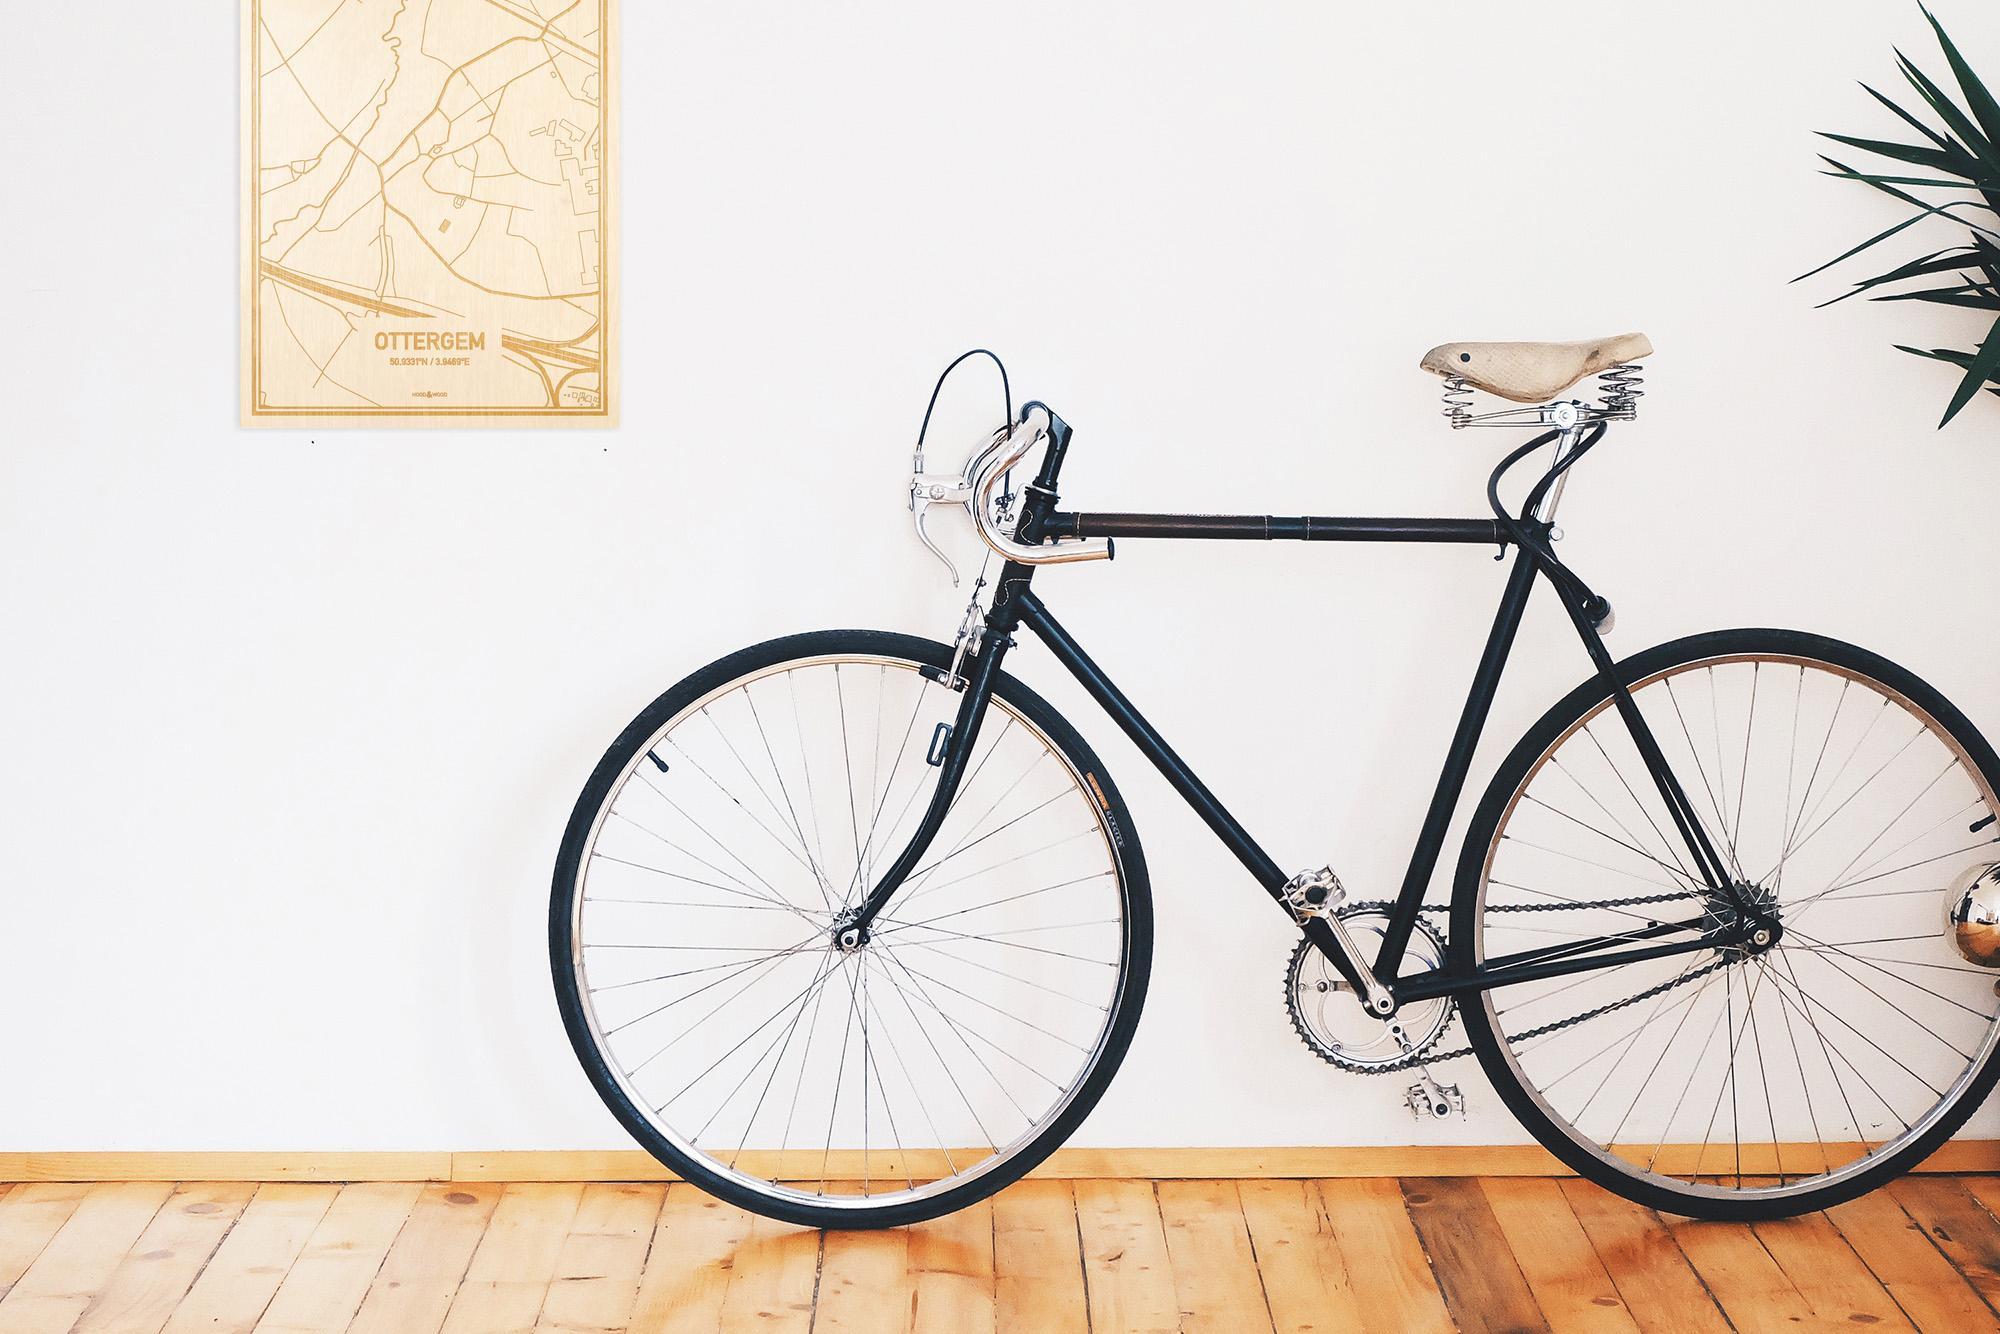 Een snelle fiets in een uniek interieur in Oost-Vlaanderen  met mooie decoratie zoals de plattegrond Ottergem.